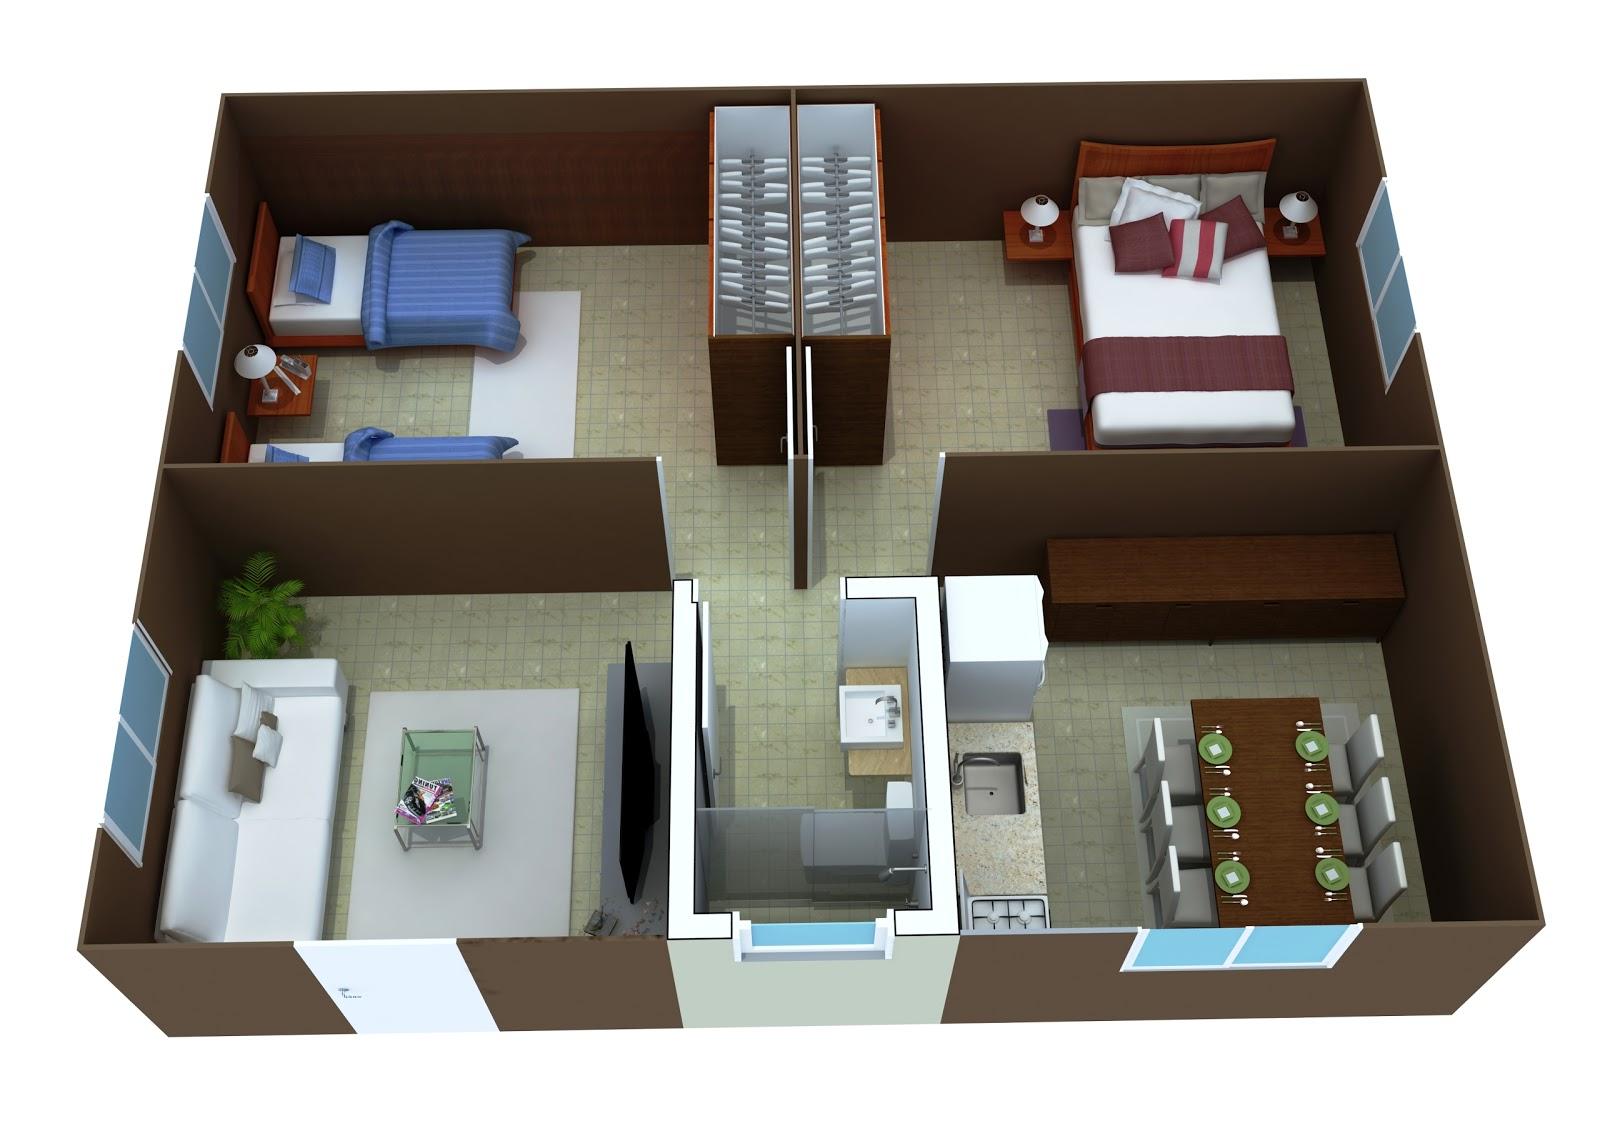 Sd3d computa o gr fica planta humanizada 3d casa de - Crear casas 3d ...